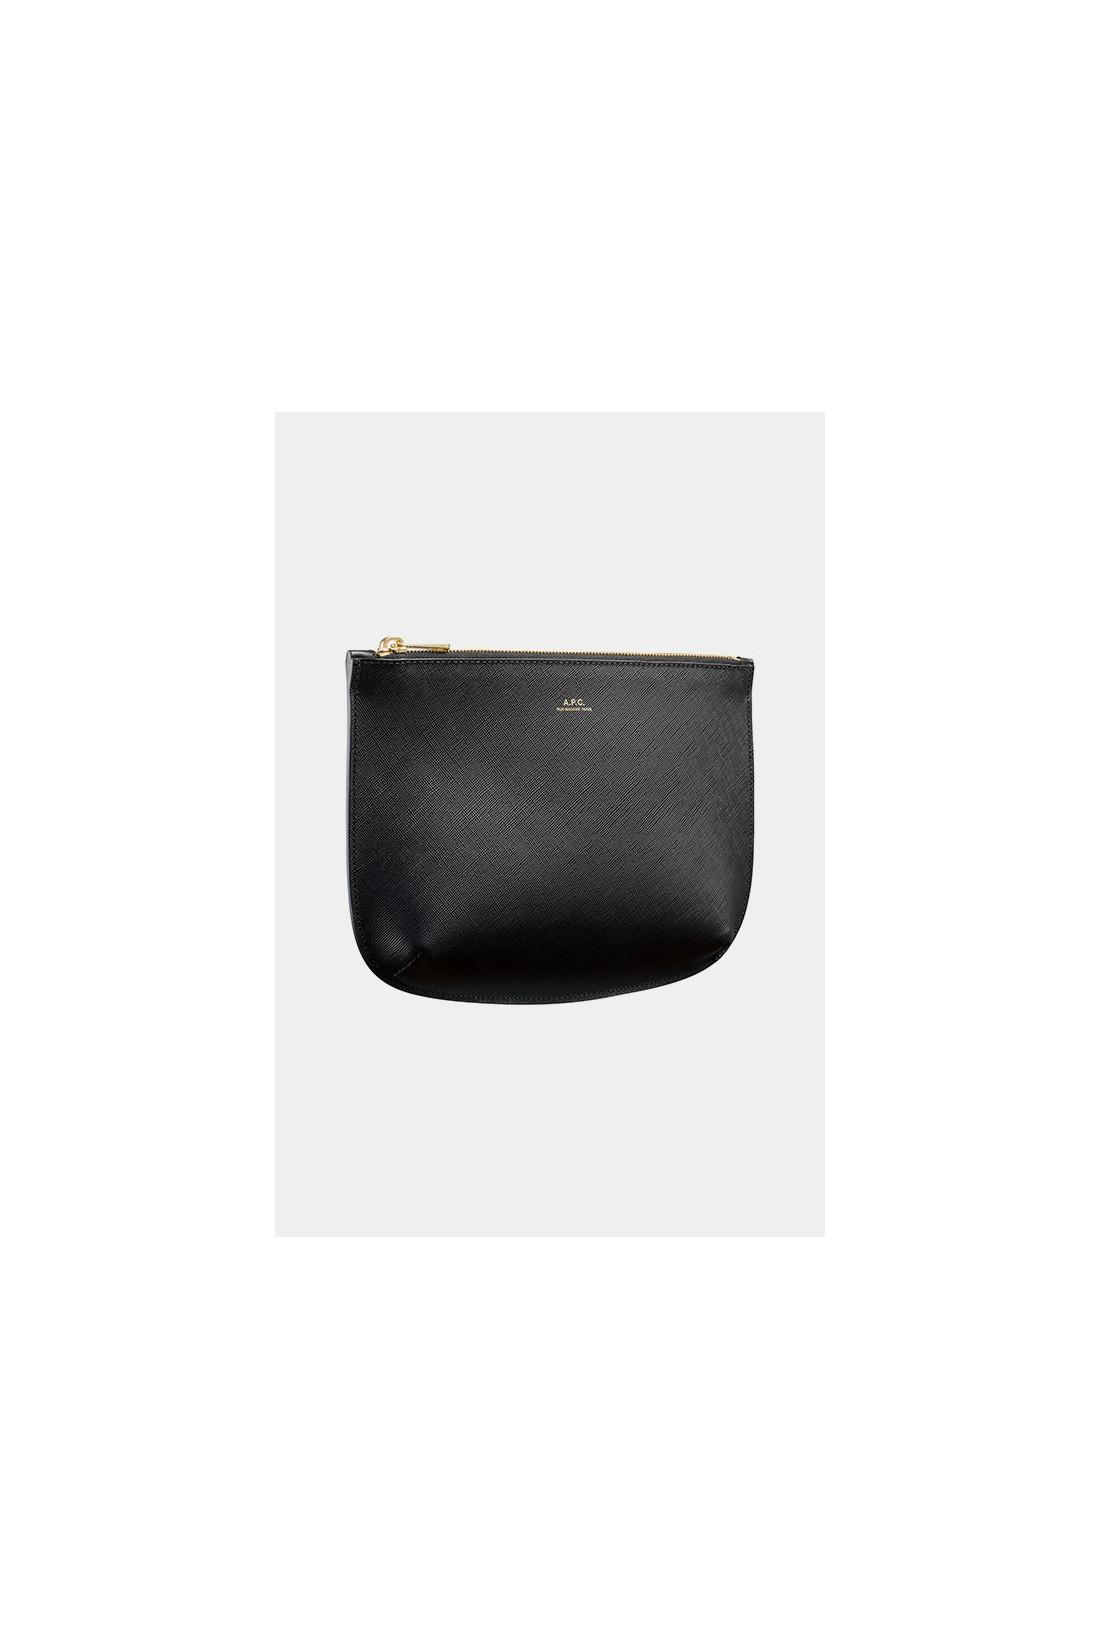 A.P.C. FOR WOMAN / Pochette sarah Noir